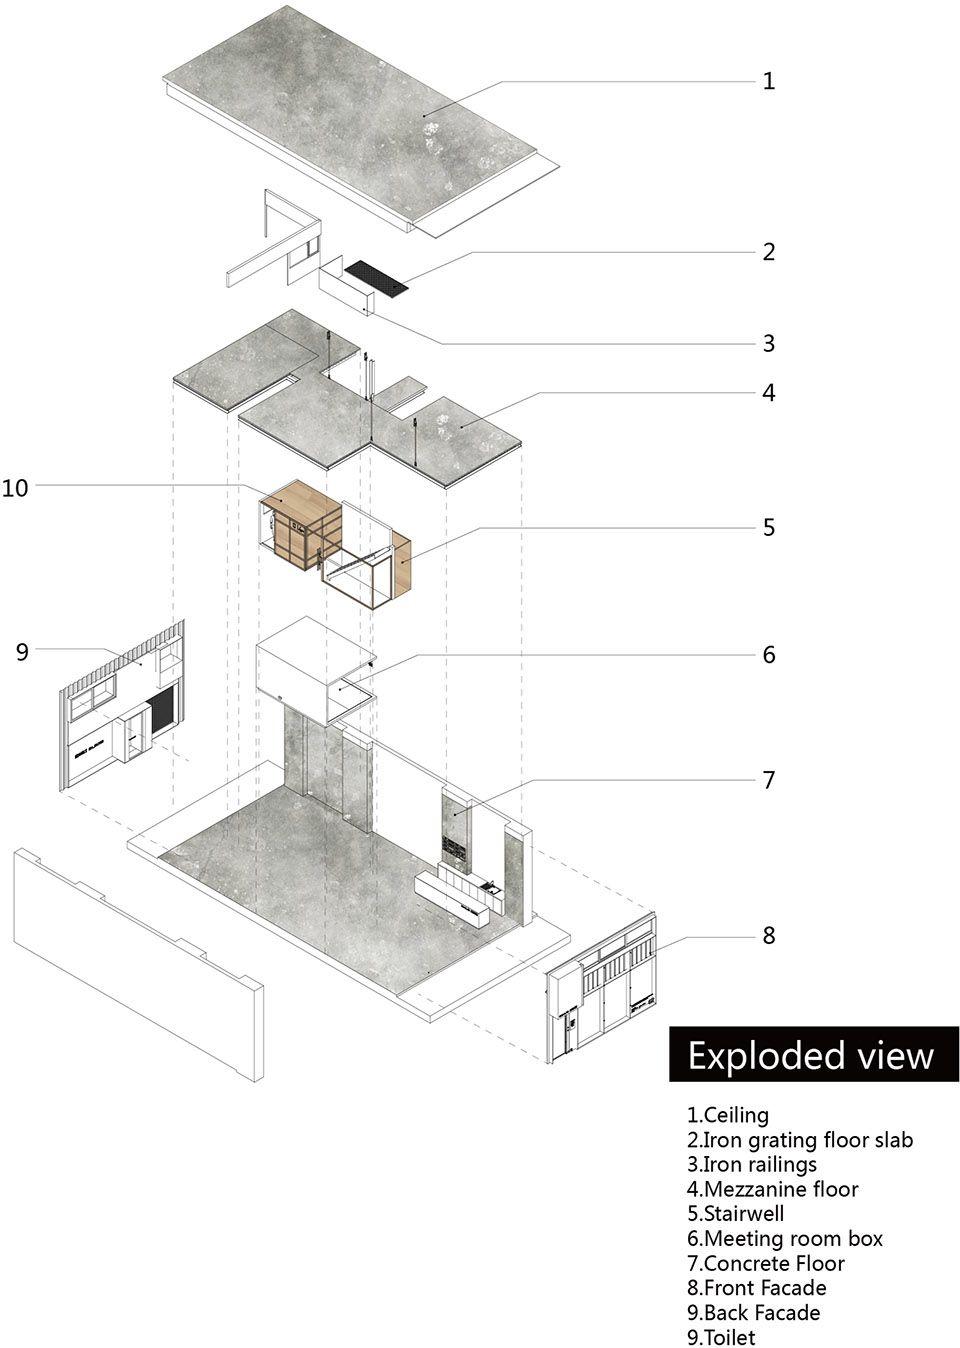 移动的玻璃盒子,广东Edgelab办公空间 | Edgelab边界实验工作室|黄智武、何钢荣 - 25